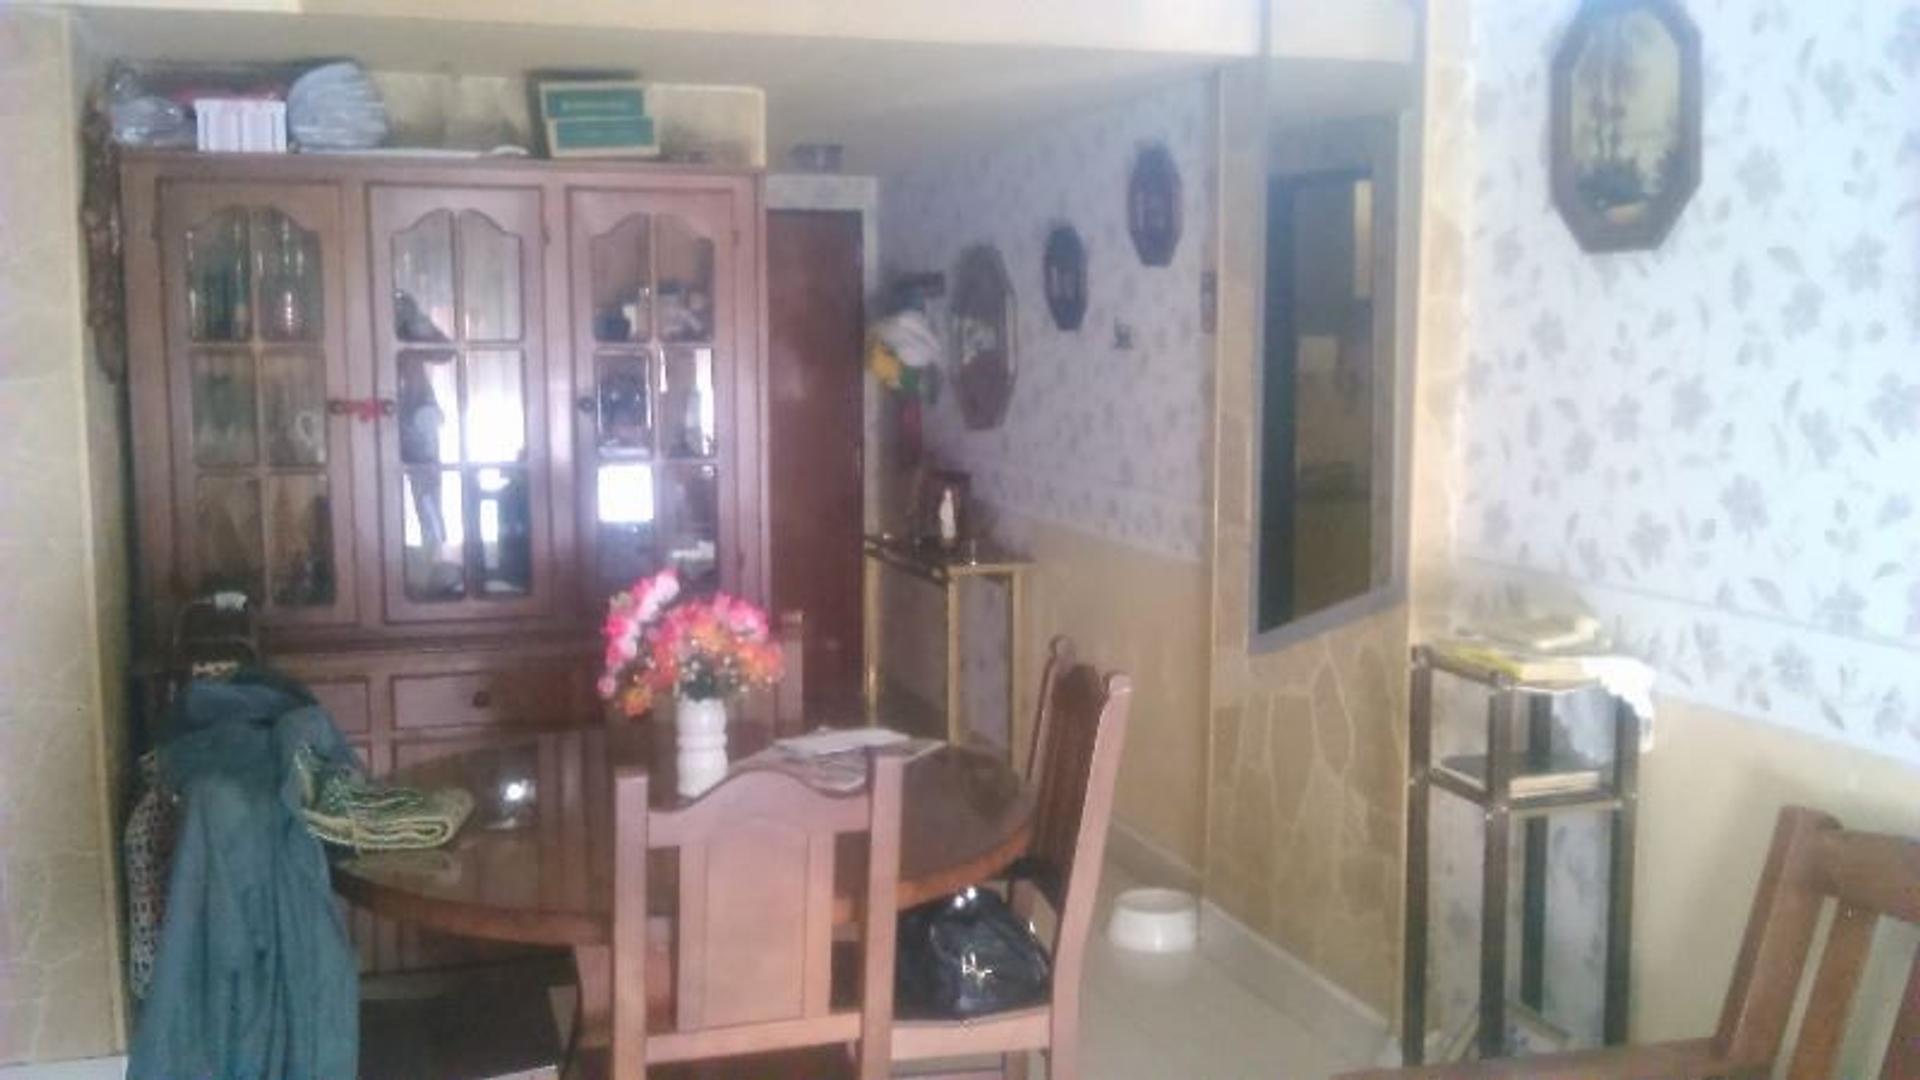 Departamento 4 ambientes con patio en venta en monroe 4700